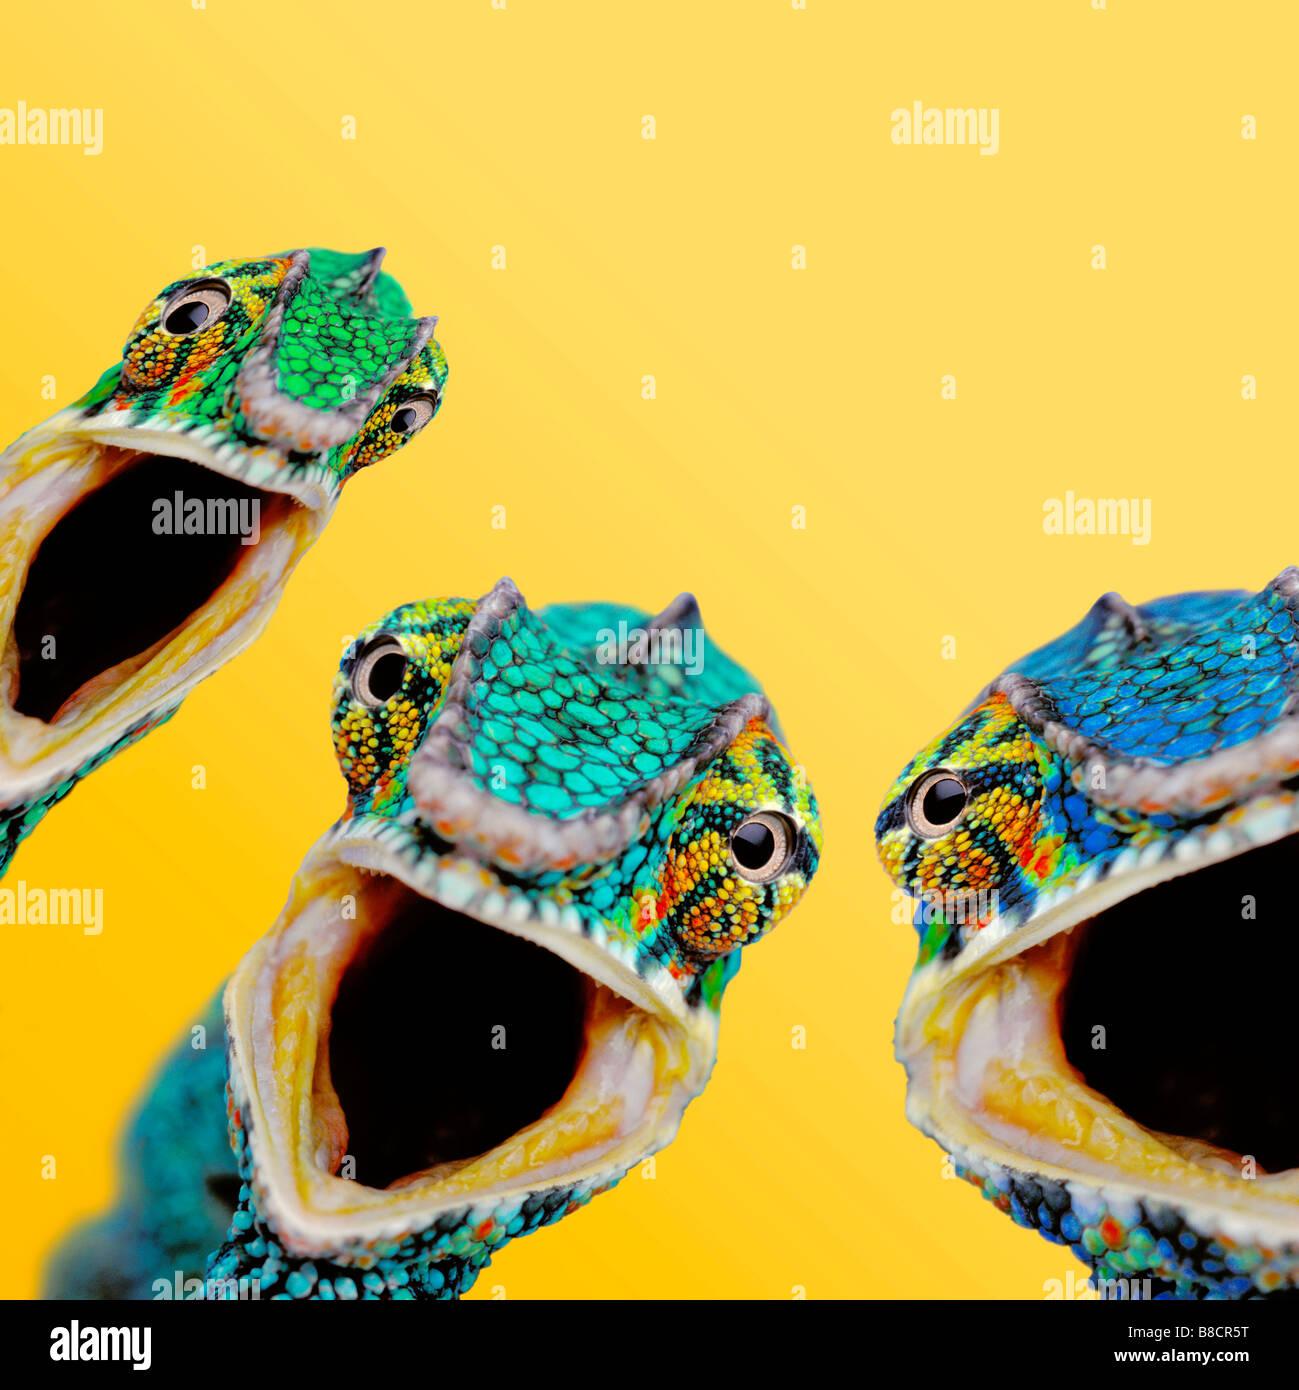 FL6516, Kitchin/Hurst; tres sorprendió a los camaleones, fondo amarillo Imagen De Stock